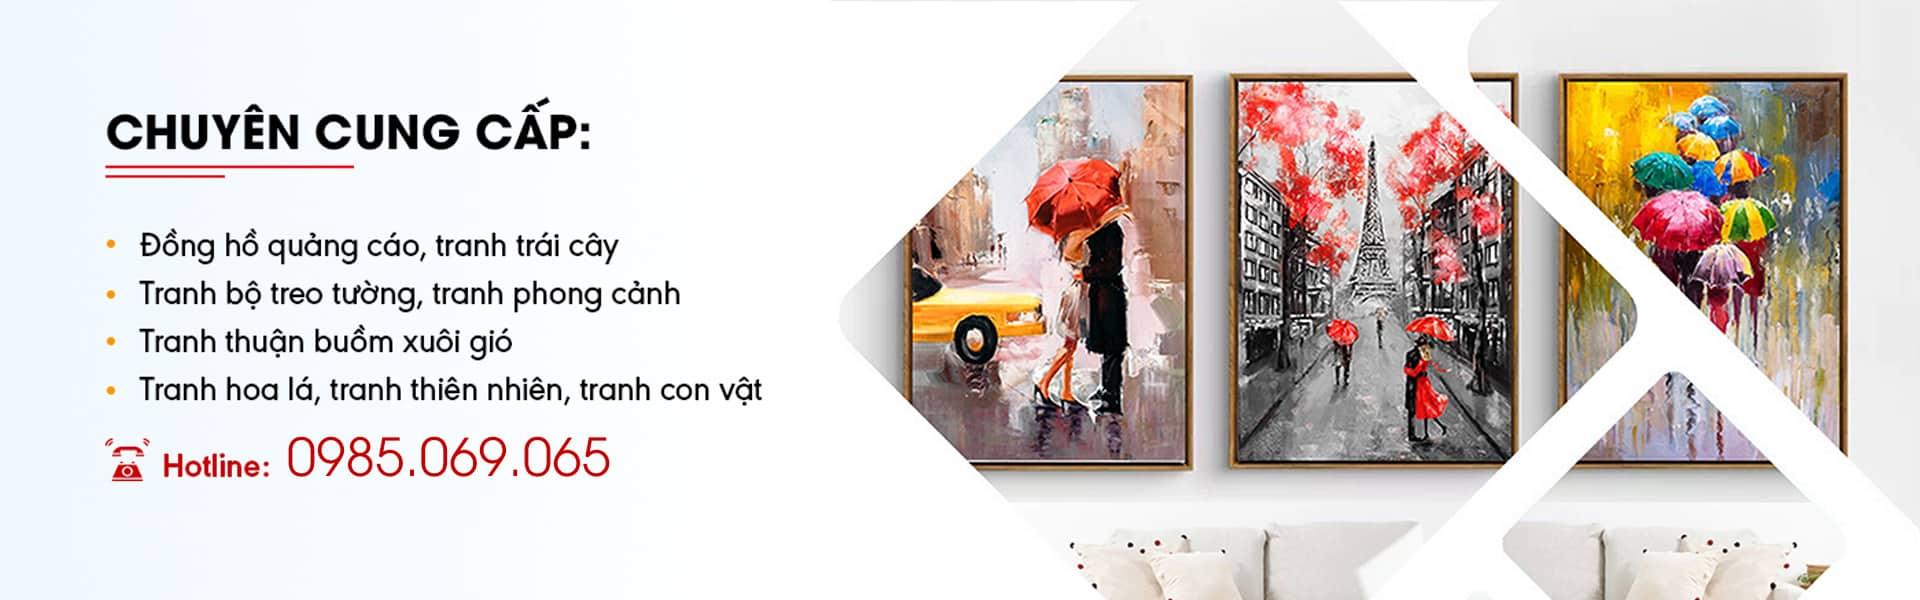 dalana-decor-banner-2